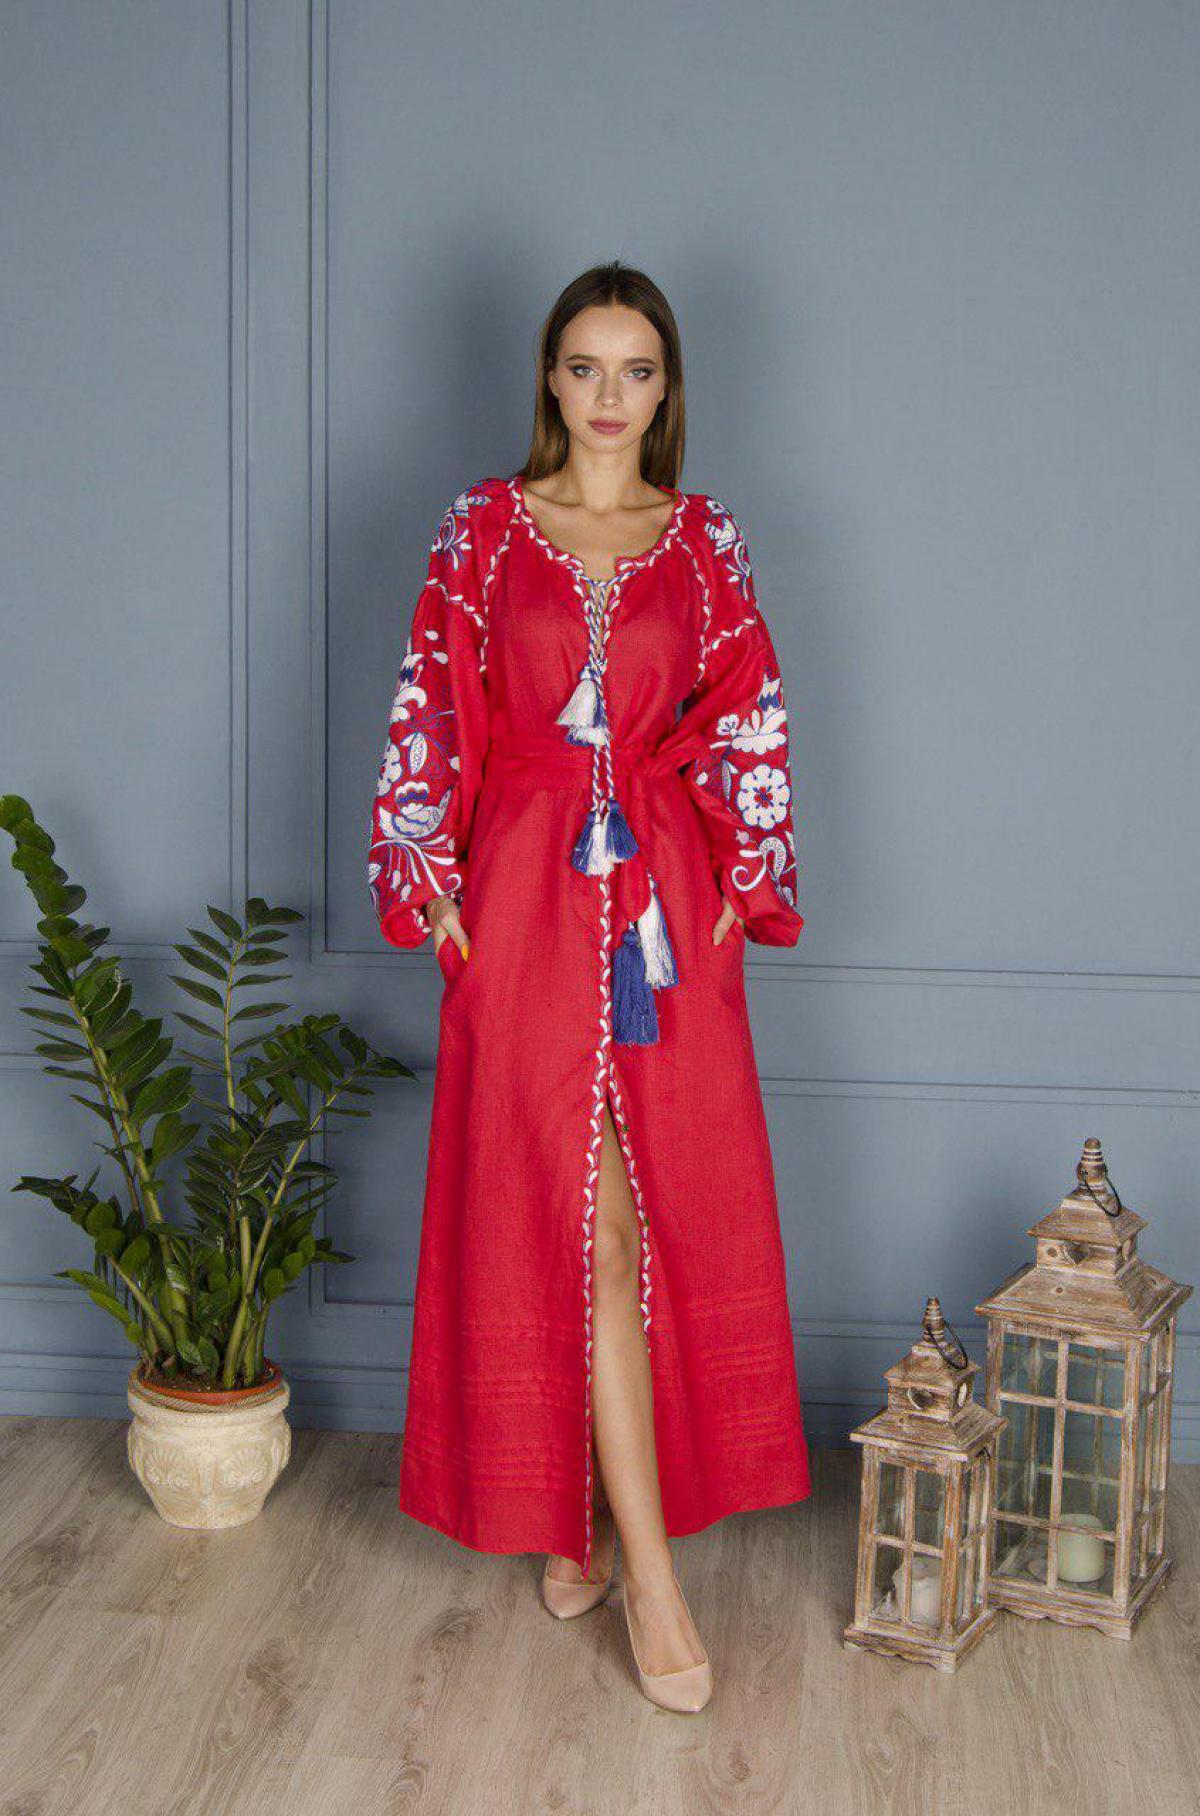 Красное льняное вышитое платье Птицы, длинное. Фото №1. | Народный дом Украина